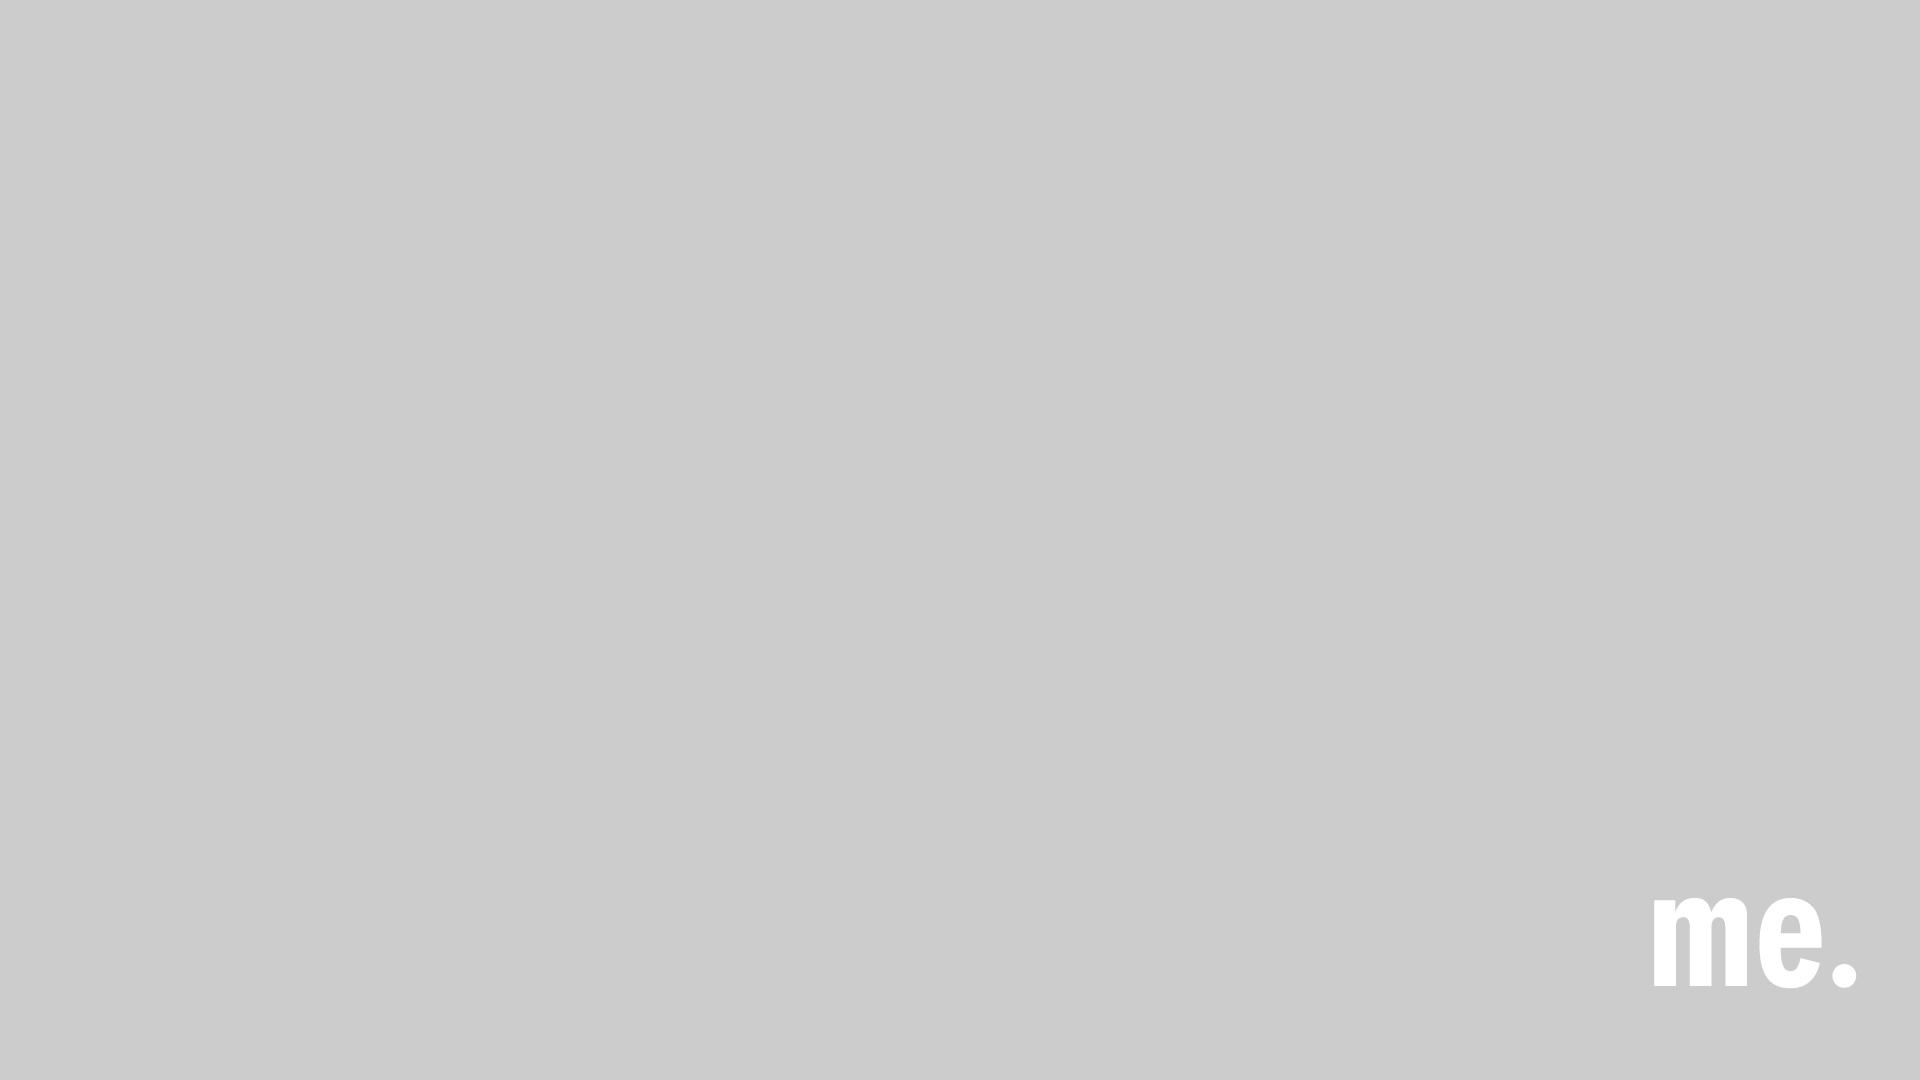 Ryan Adams veröffentlicht ein Live-Album